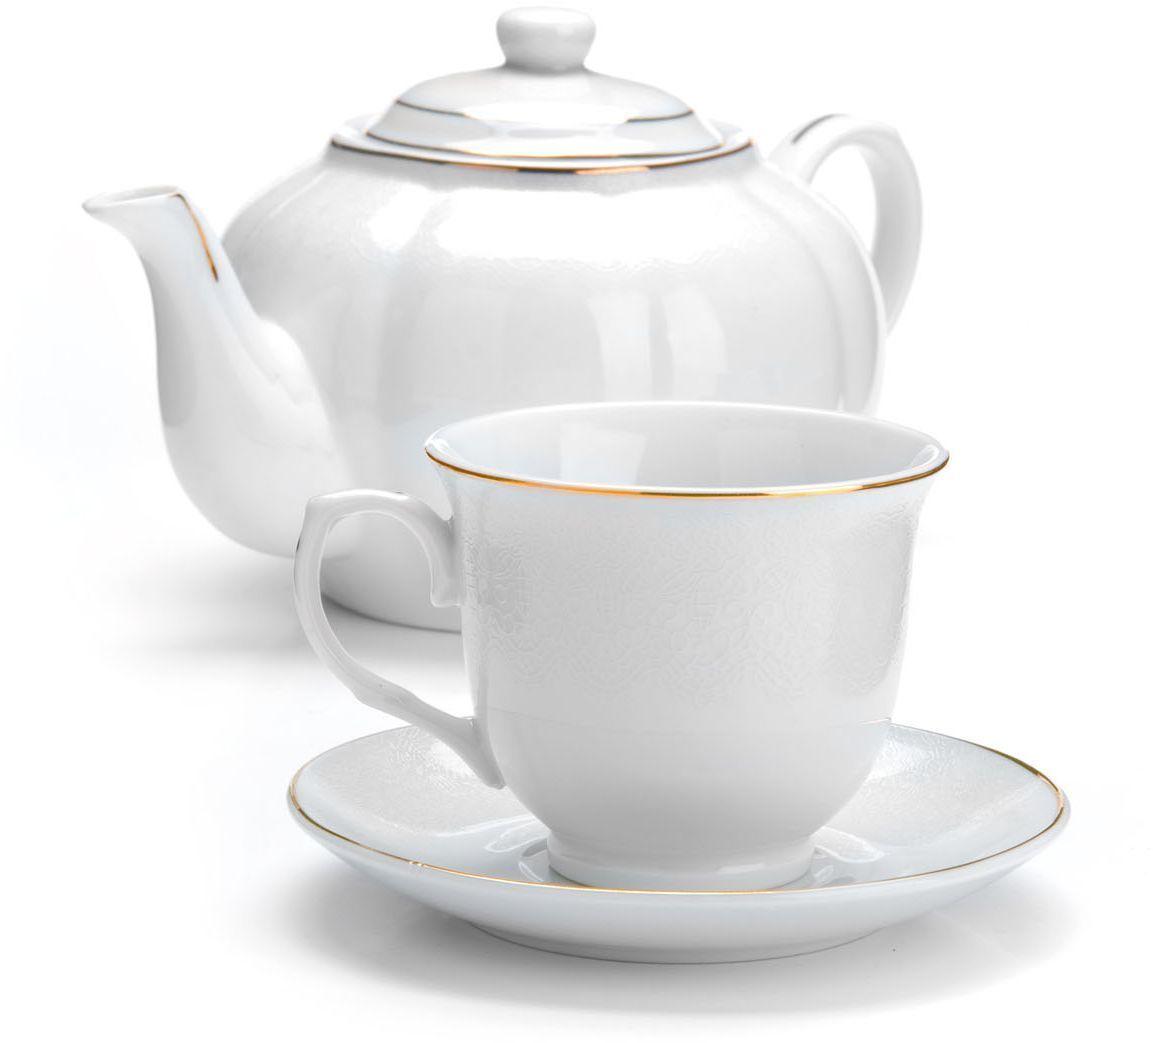 Чайный сервиз Loraine, 13 предметов. 2641926419Чайный набор Loraine на 6 персон, изготовленный из высококачественной керамики изысканного белого цвета, состоит из 6 чашек, 6 блюдец и заварочного чайника. Изделия набора украшены тонкой золотой каймой и имеют красивый и нежный дизайн. Набор придется по вкусу и ценителям классики, и тем, кто предпочитает утонченность и изысканность. Он настроит на позитивный лад и подарит хорошее настроение с самого утра. Набор упакован в подарочную упаковку.Такой чайный набор станет прекрасным украшением стола, а процесс чаепития превратится в одно удовольствие! Это замечательный выбор для подарка родным и друзьям! Объем чайника: 1 л. Объем чашки: 220 мл.